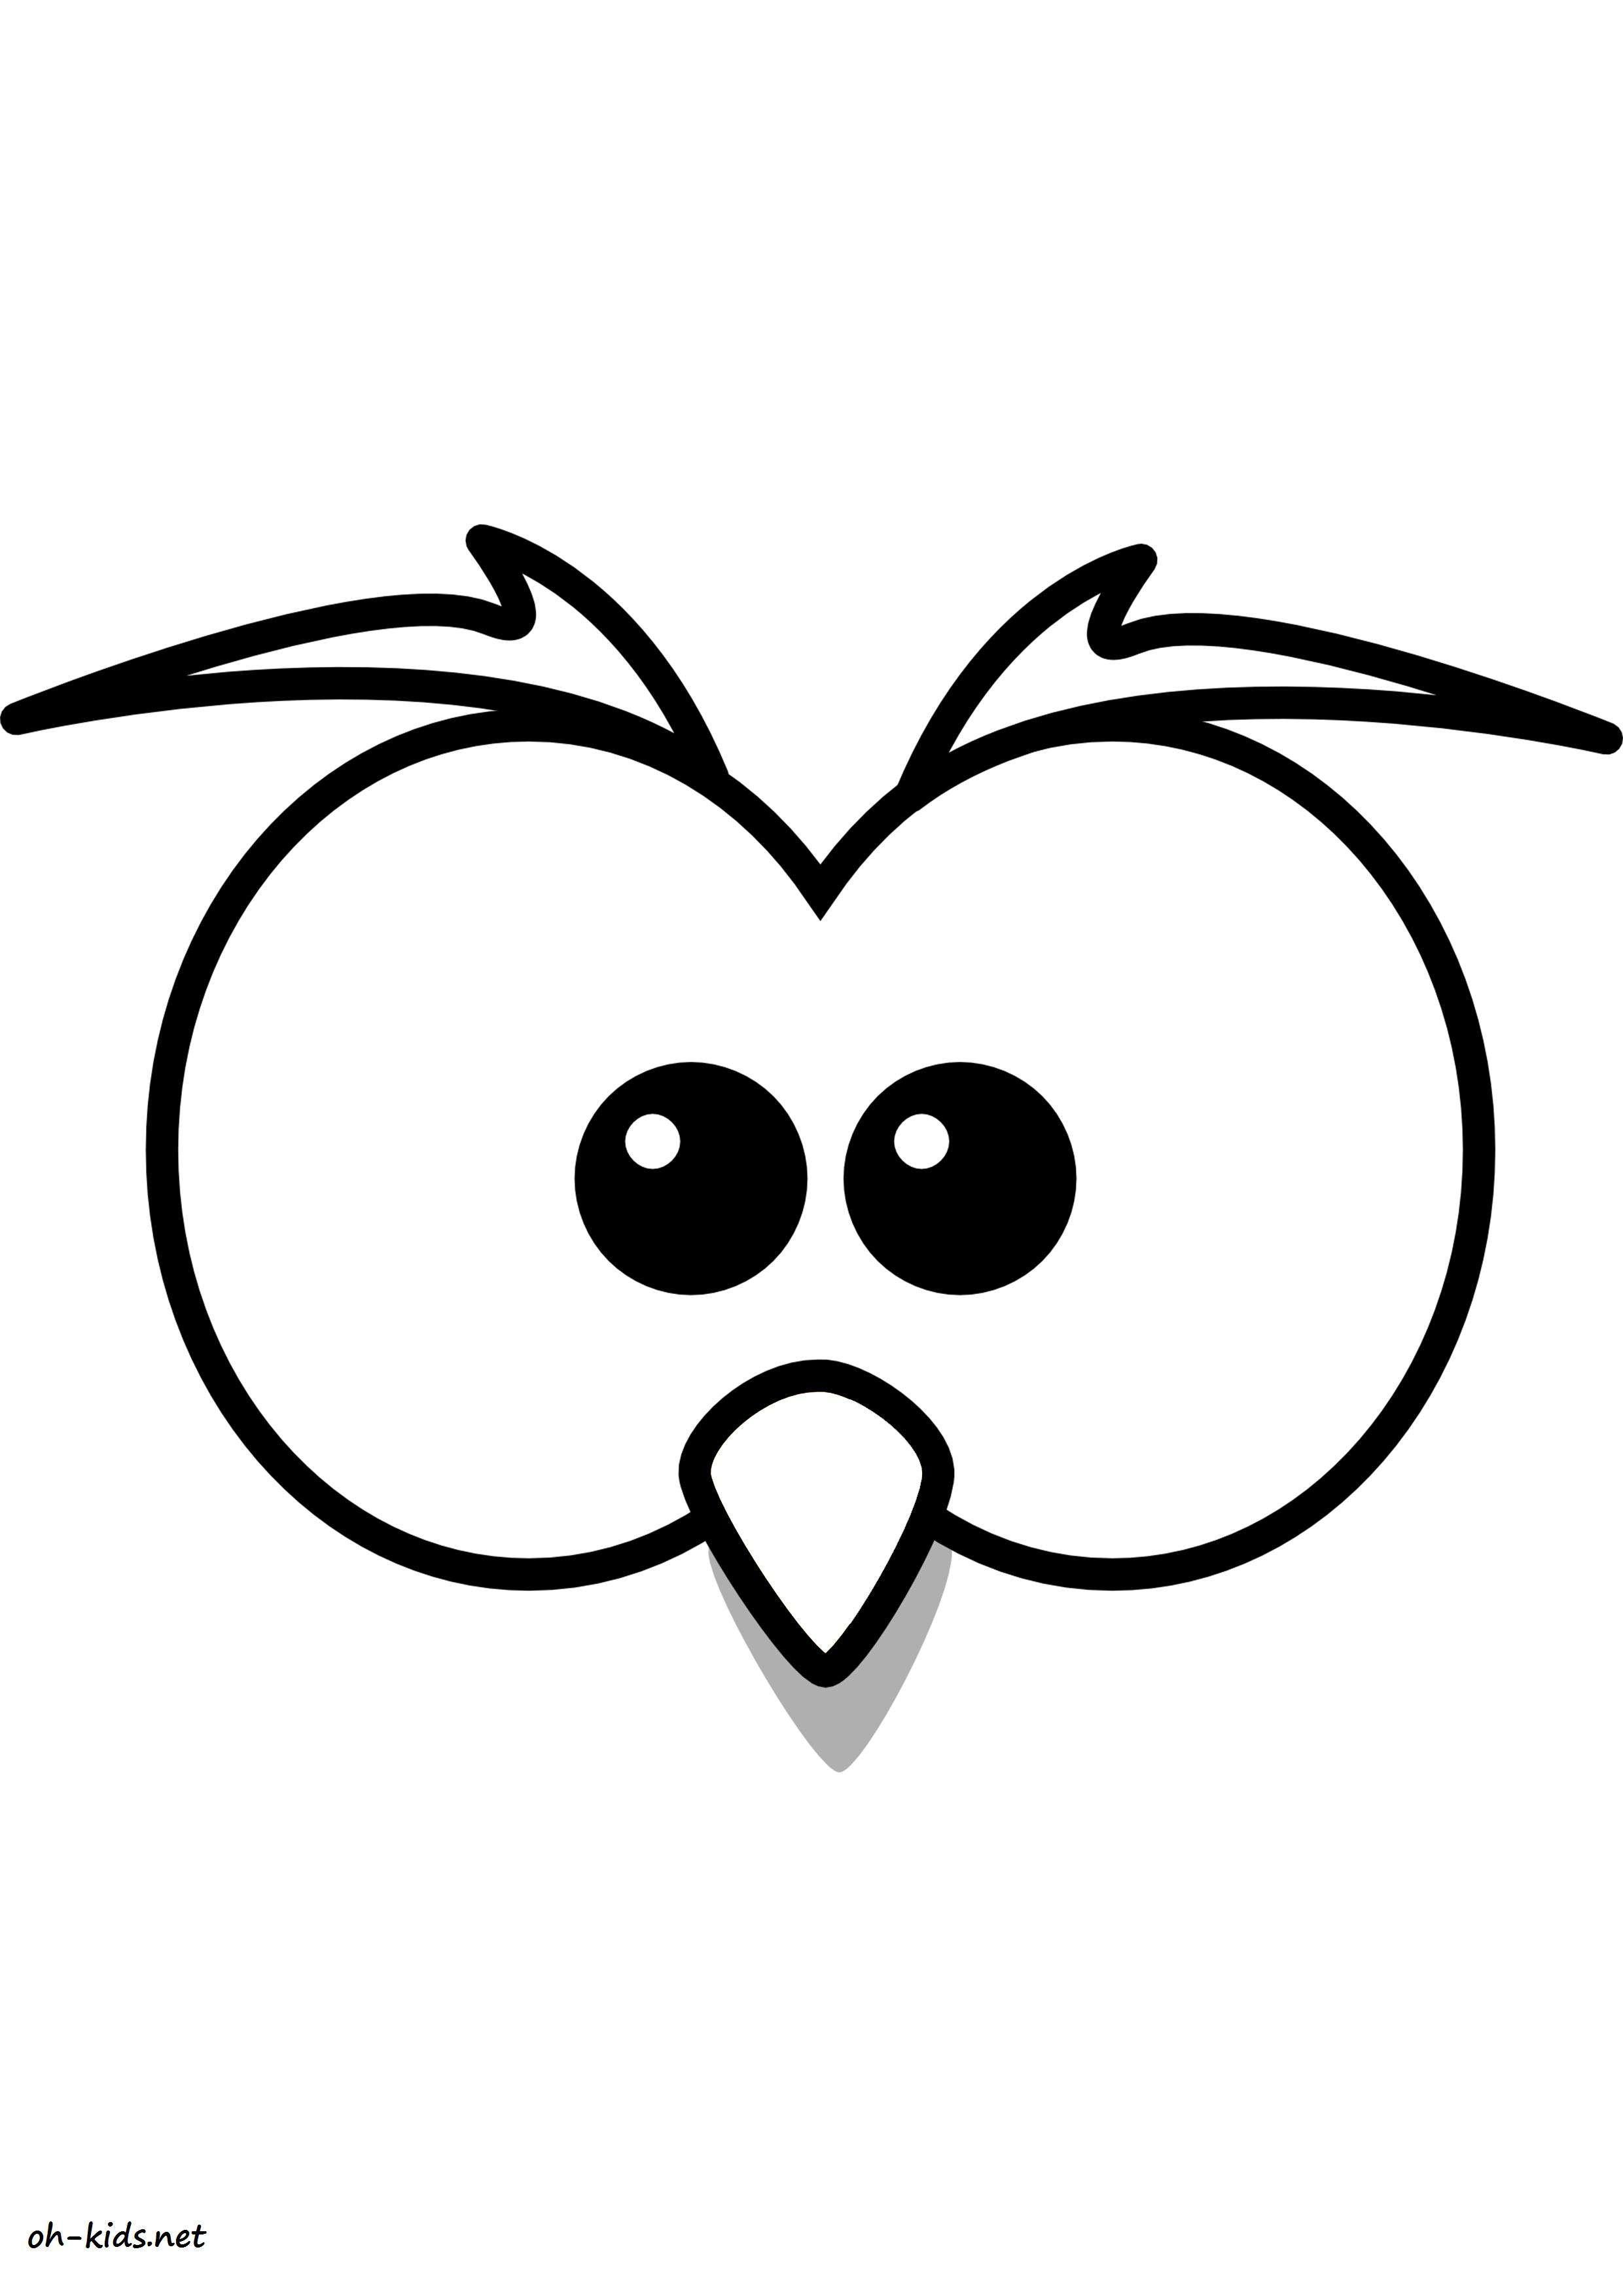 jeux de coloriage hibou à colorier et imprimer - Dessin #1606